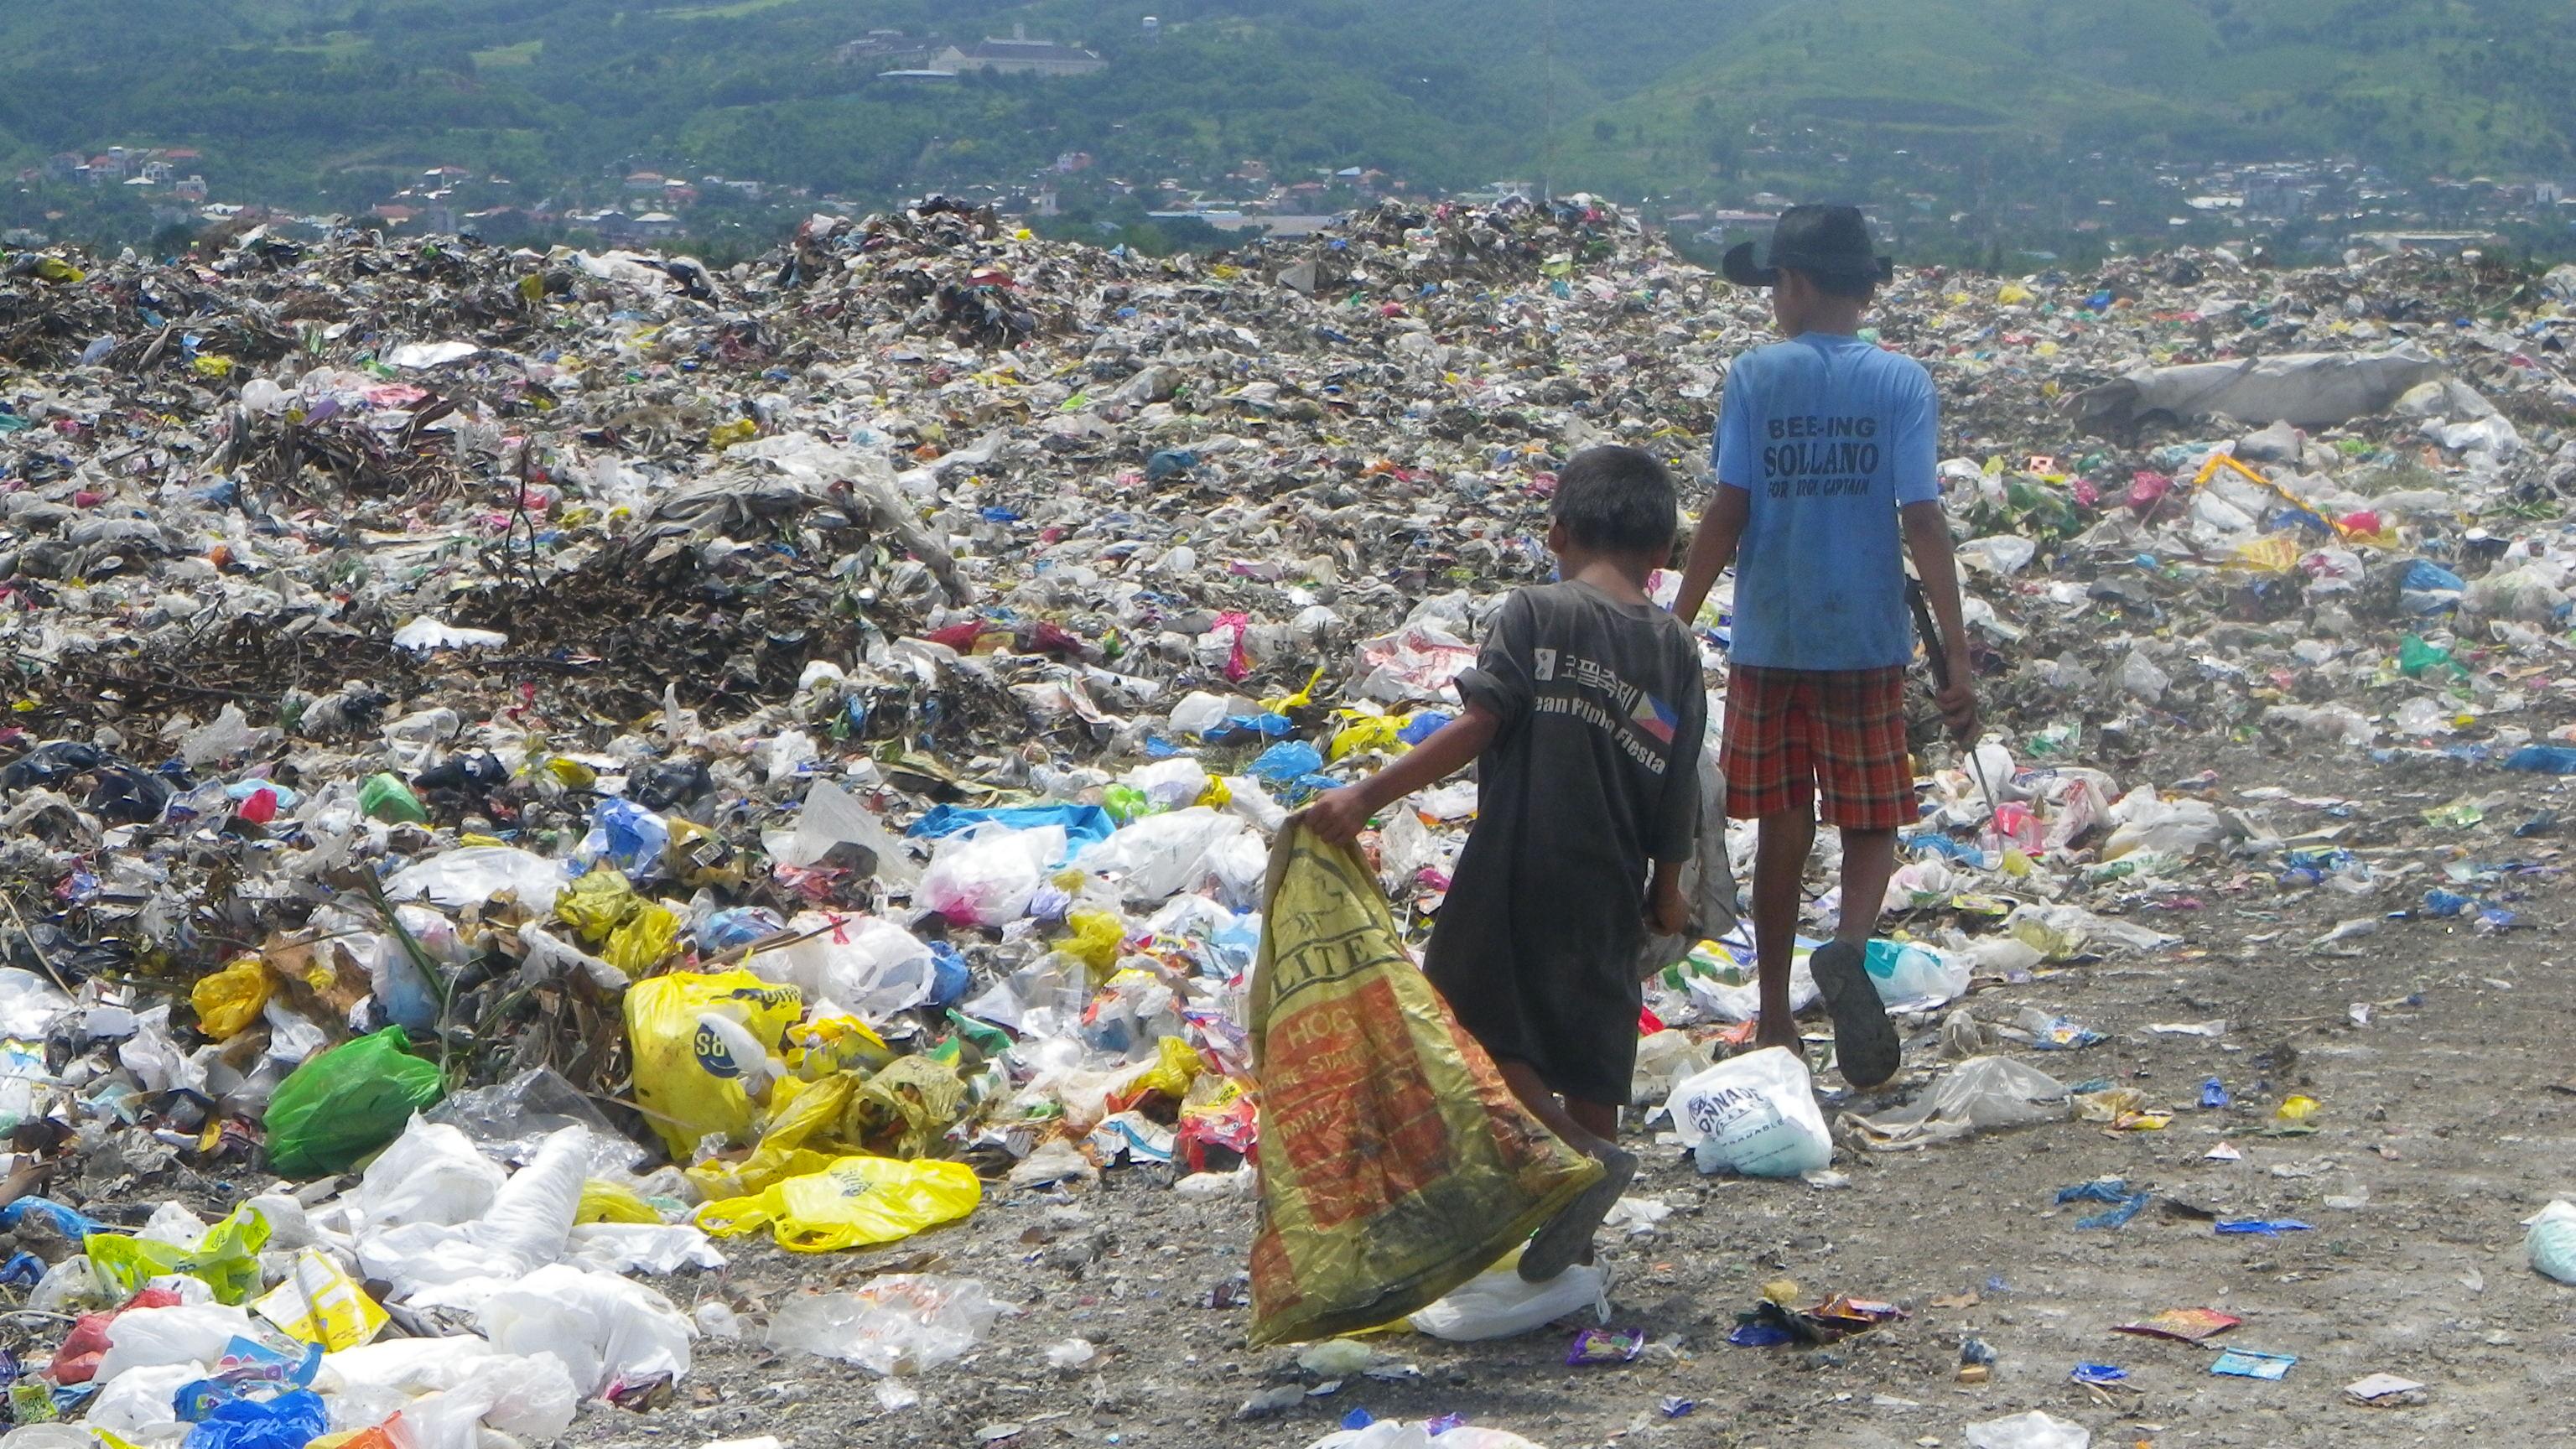 どうすれば貧困層を救えるのか。途上国の悲惨な現状がもたらす使命感。